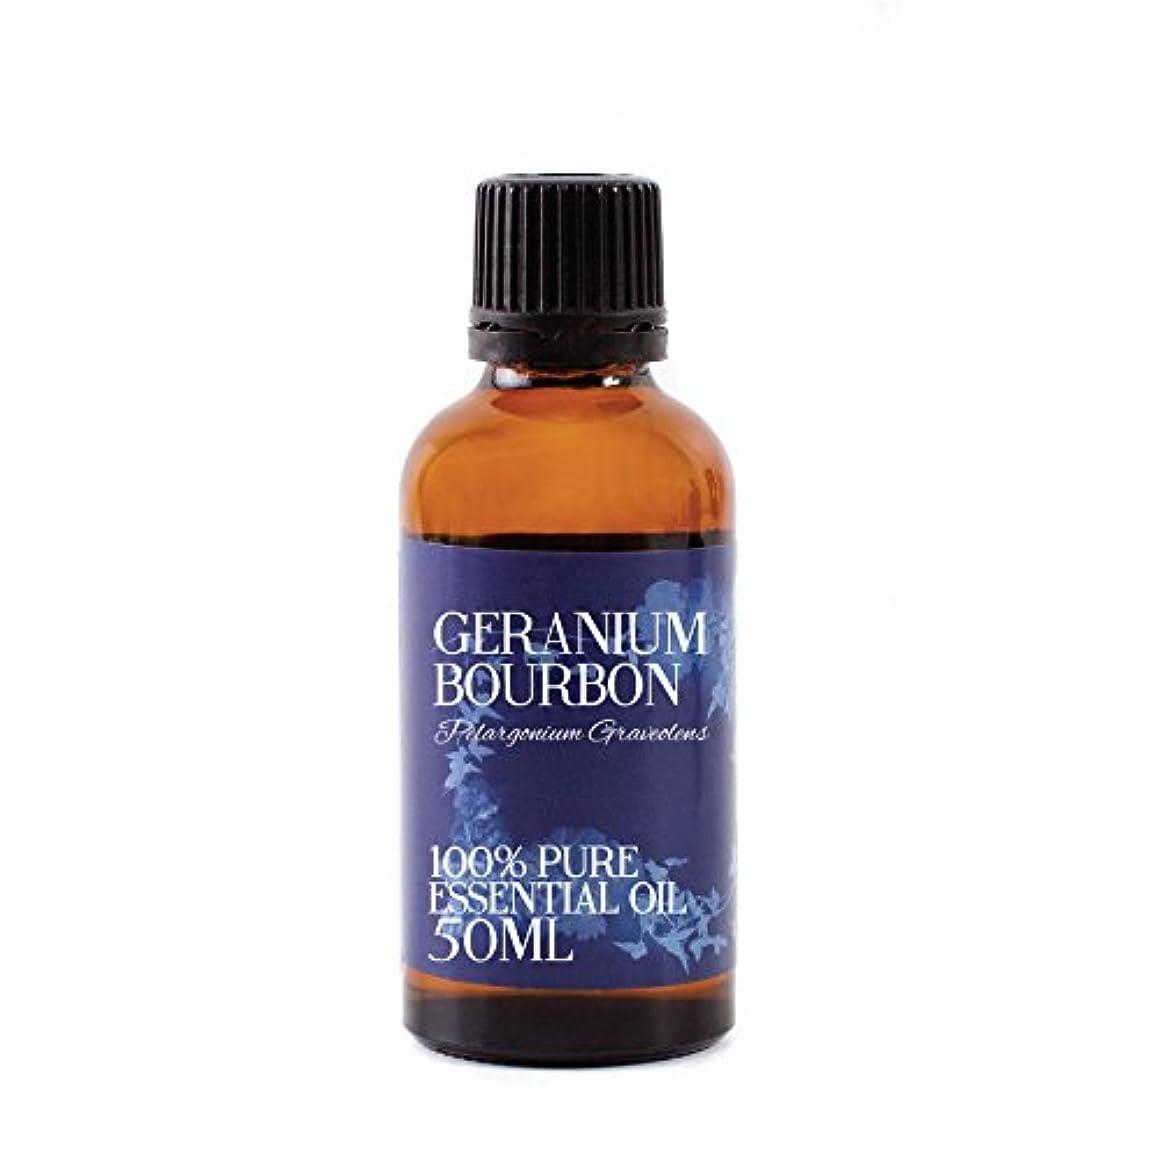 診断する喜劇宗教的なMystic Moments | Geranium Bourbon Essential Oil - 50ml - 100% Pure